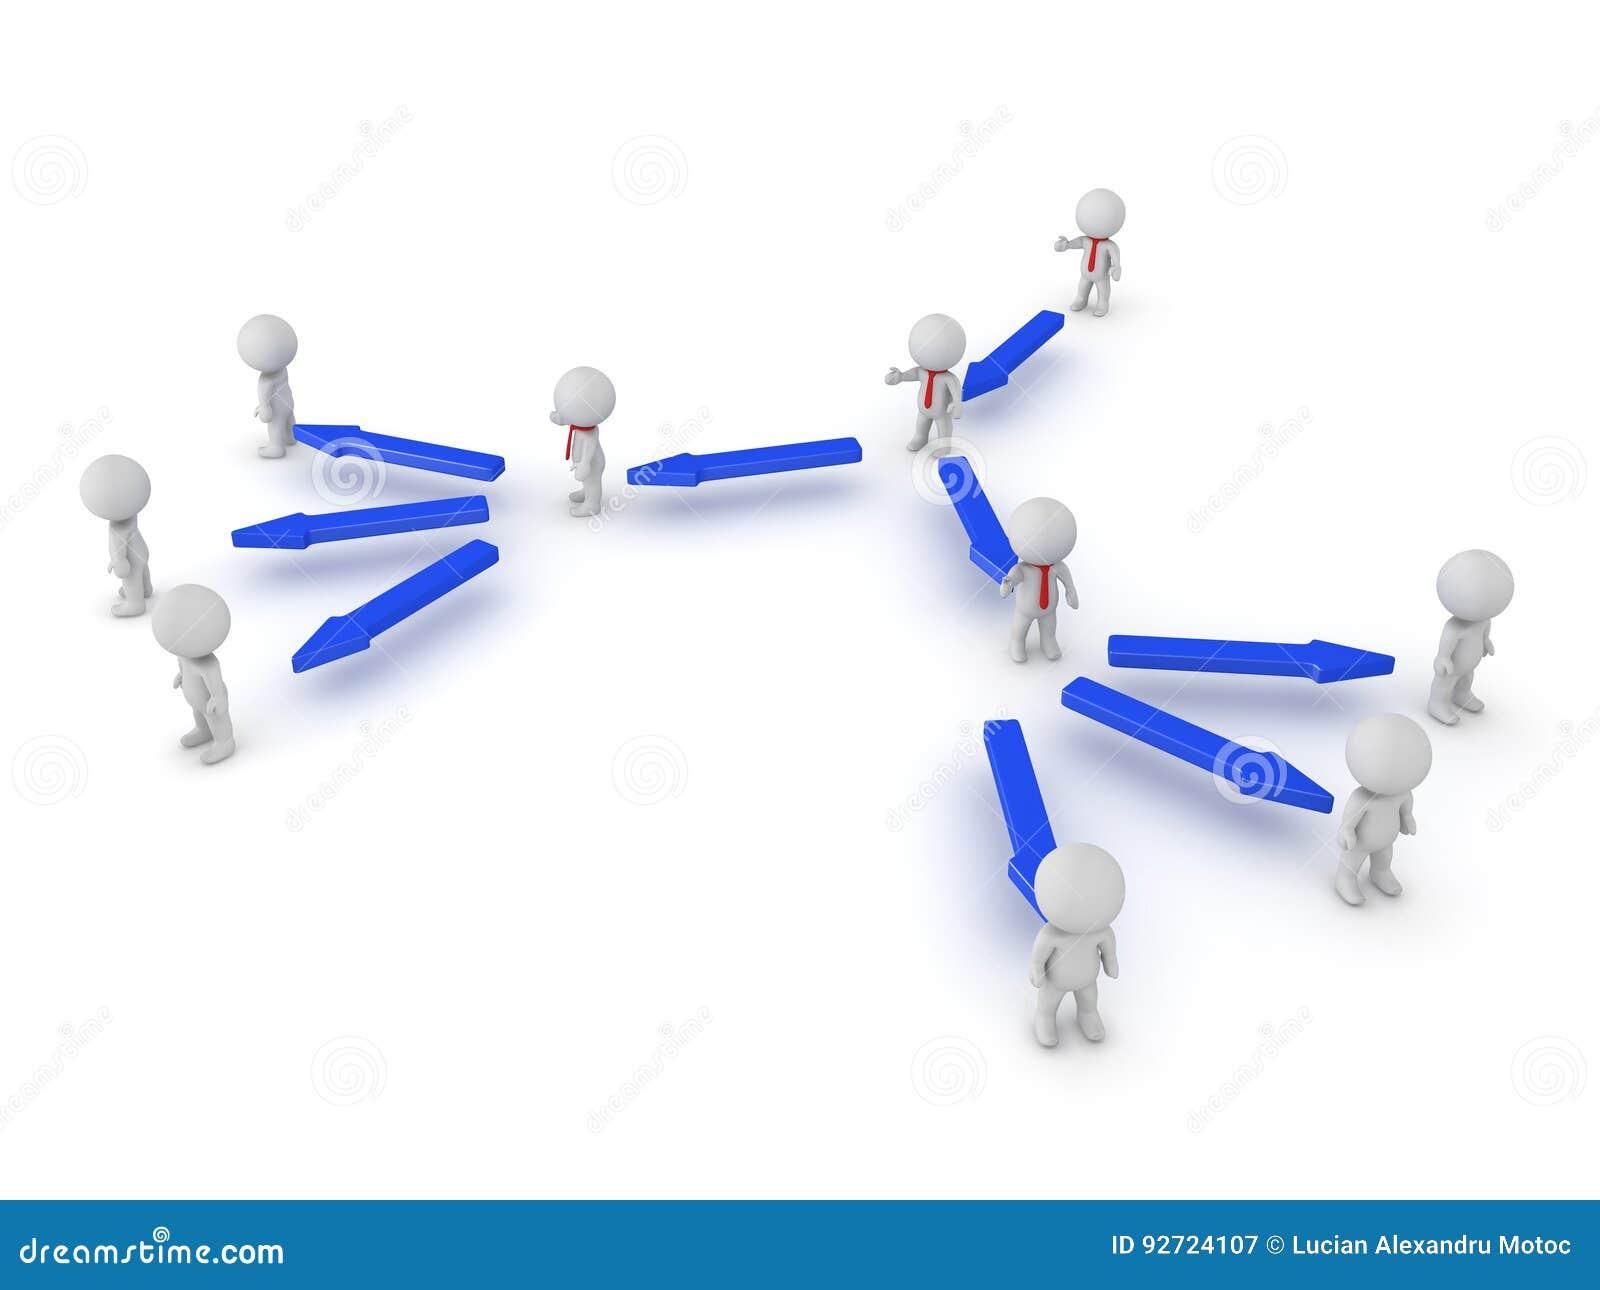 Illustration 3D der Hierarchie in einer Firma